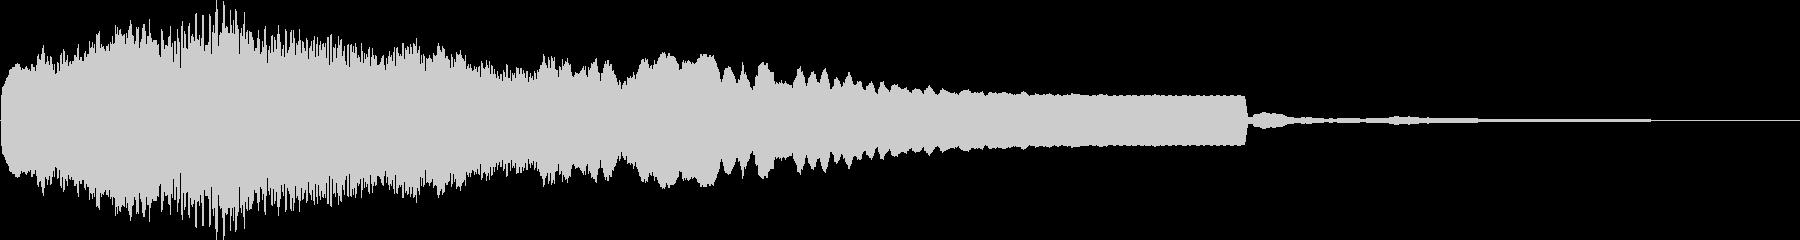 魔女の叫びの未再生の波形